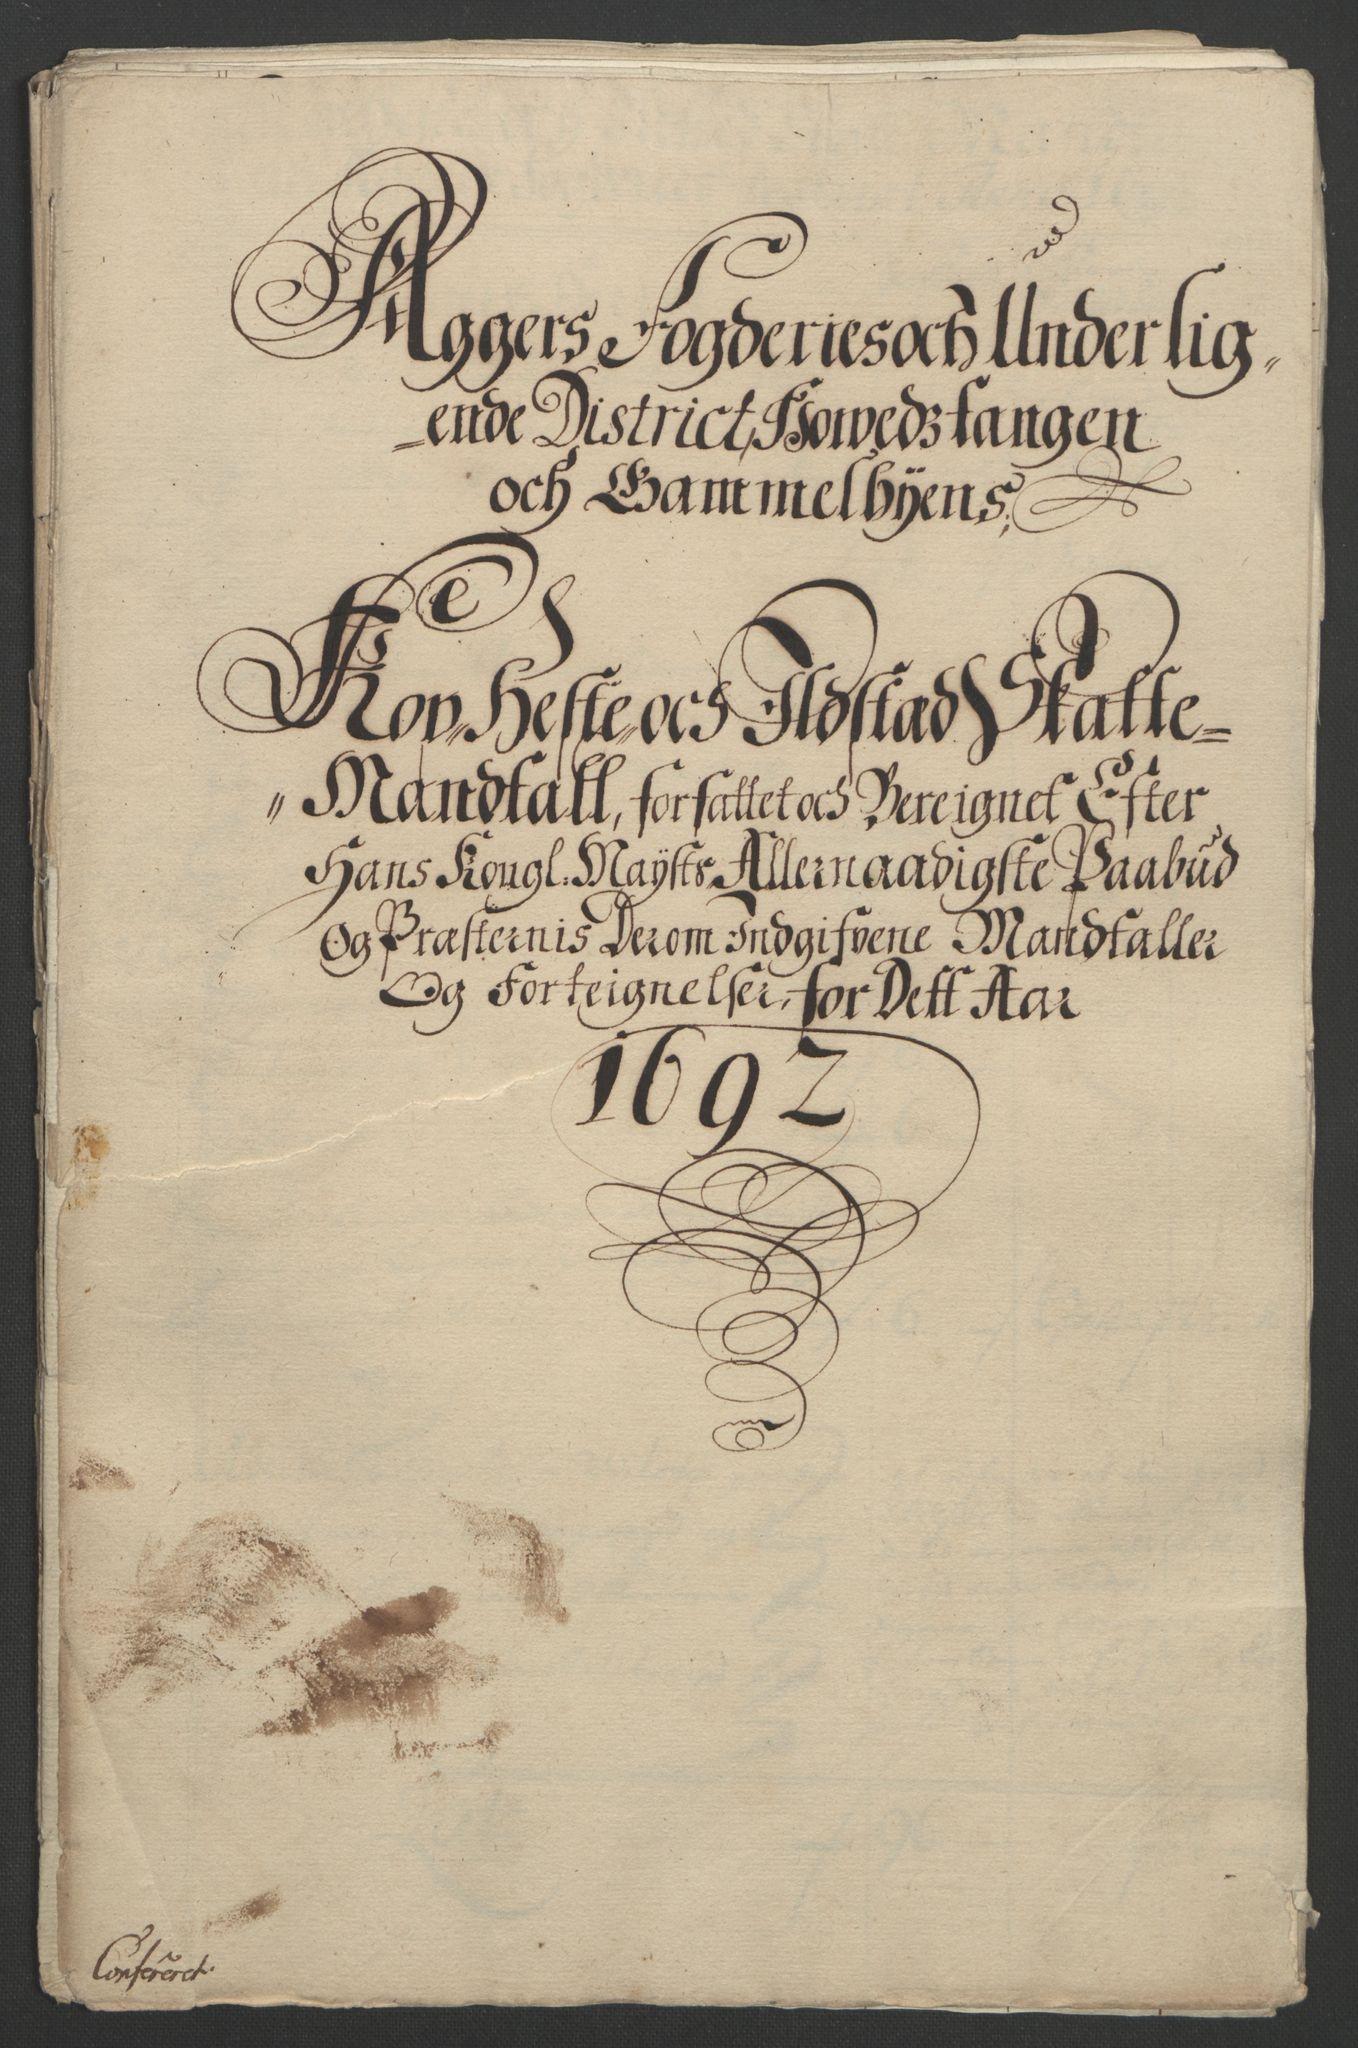 RA, Rentekammeret inntil 1814, Reviderte regnskaper, Fogderegnskap, R08/L0426: Fogderegnskap Aker, 1692-1693, s. 125